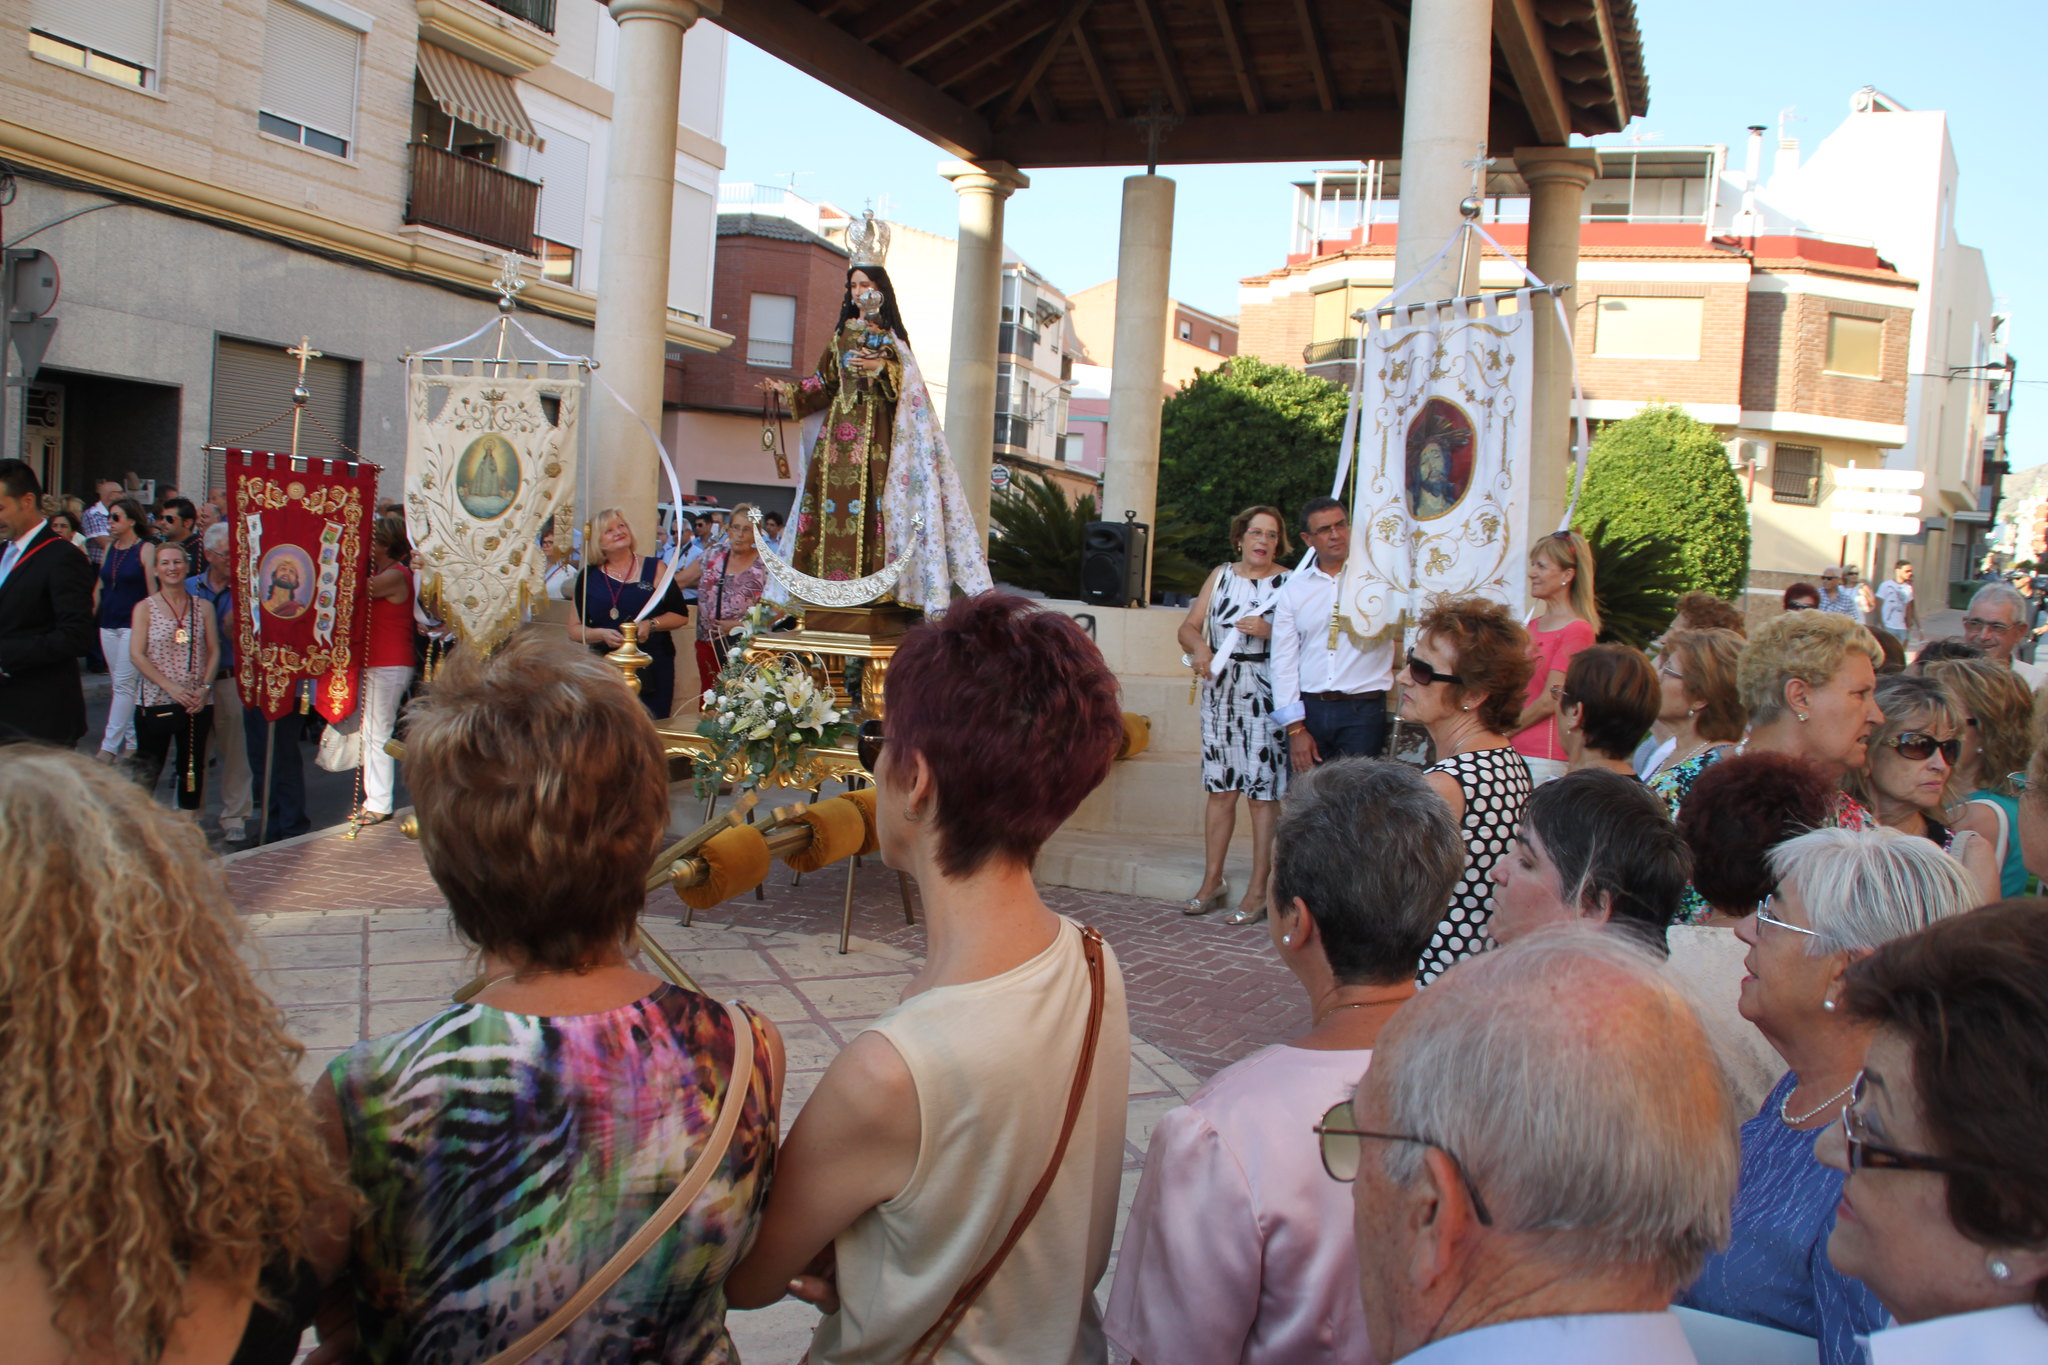 (2015-07-12) - Virgen del Carmen, parroquia La Santa Cruz - Javier Romero Ripoll (59)